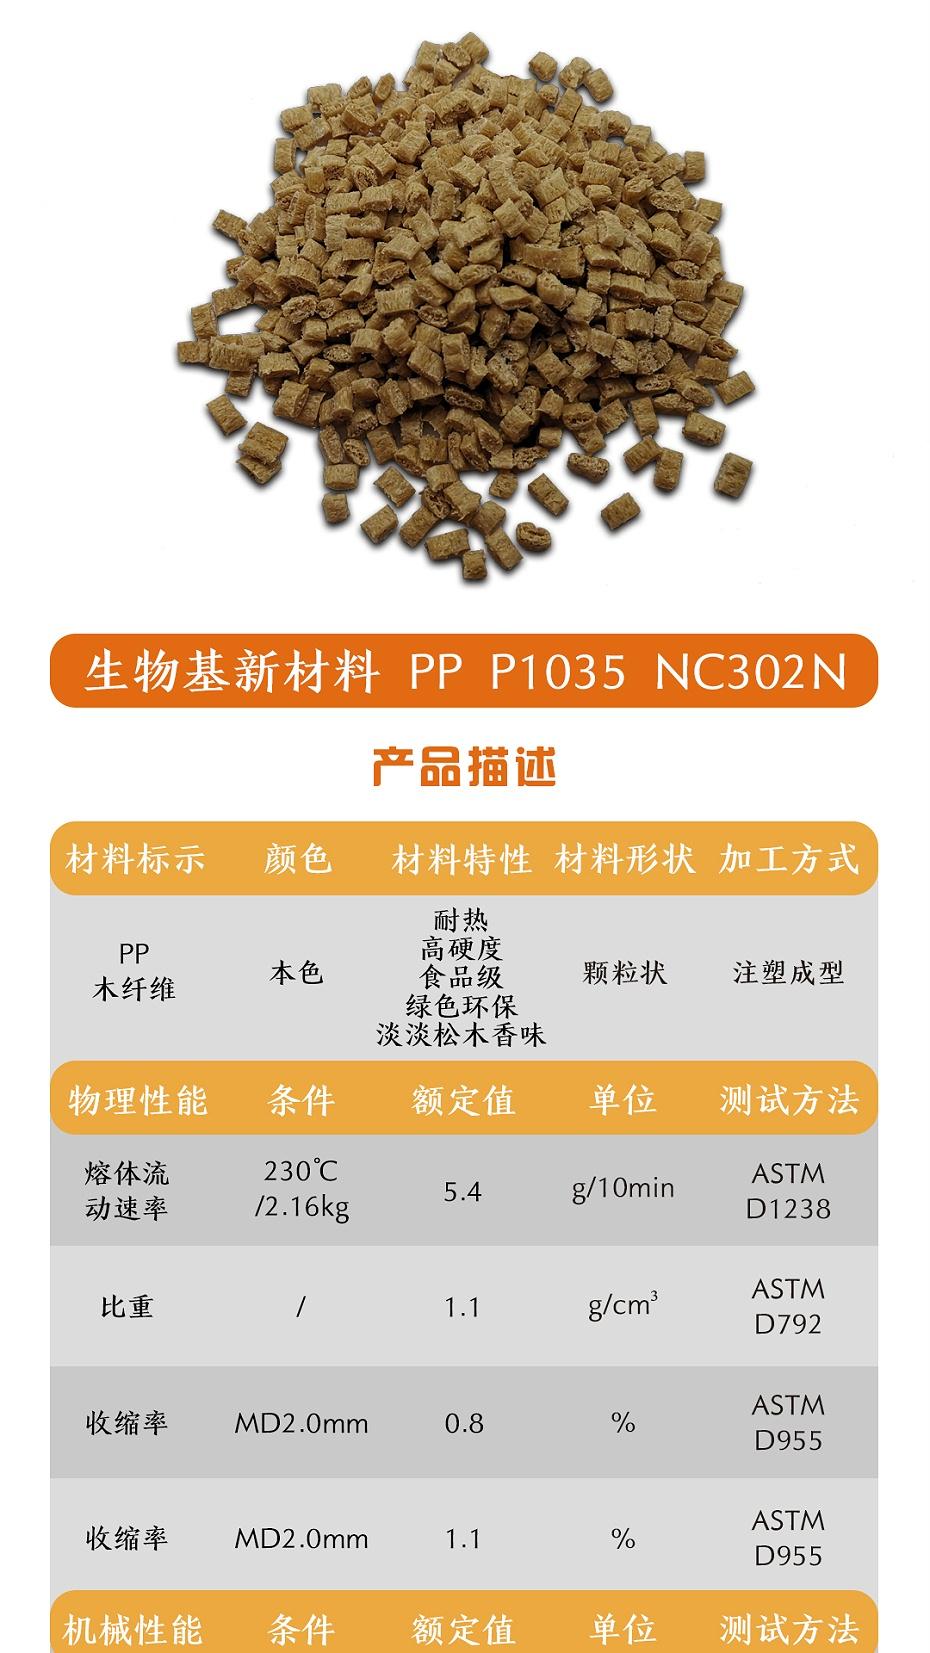 PP茶纤维简介1